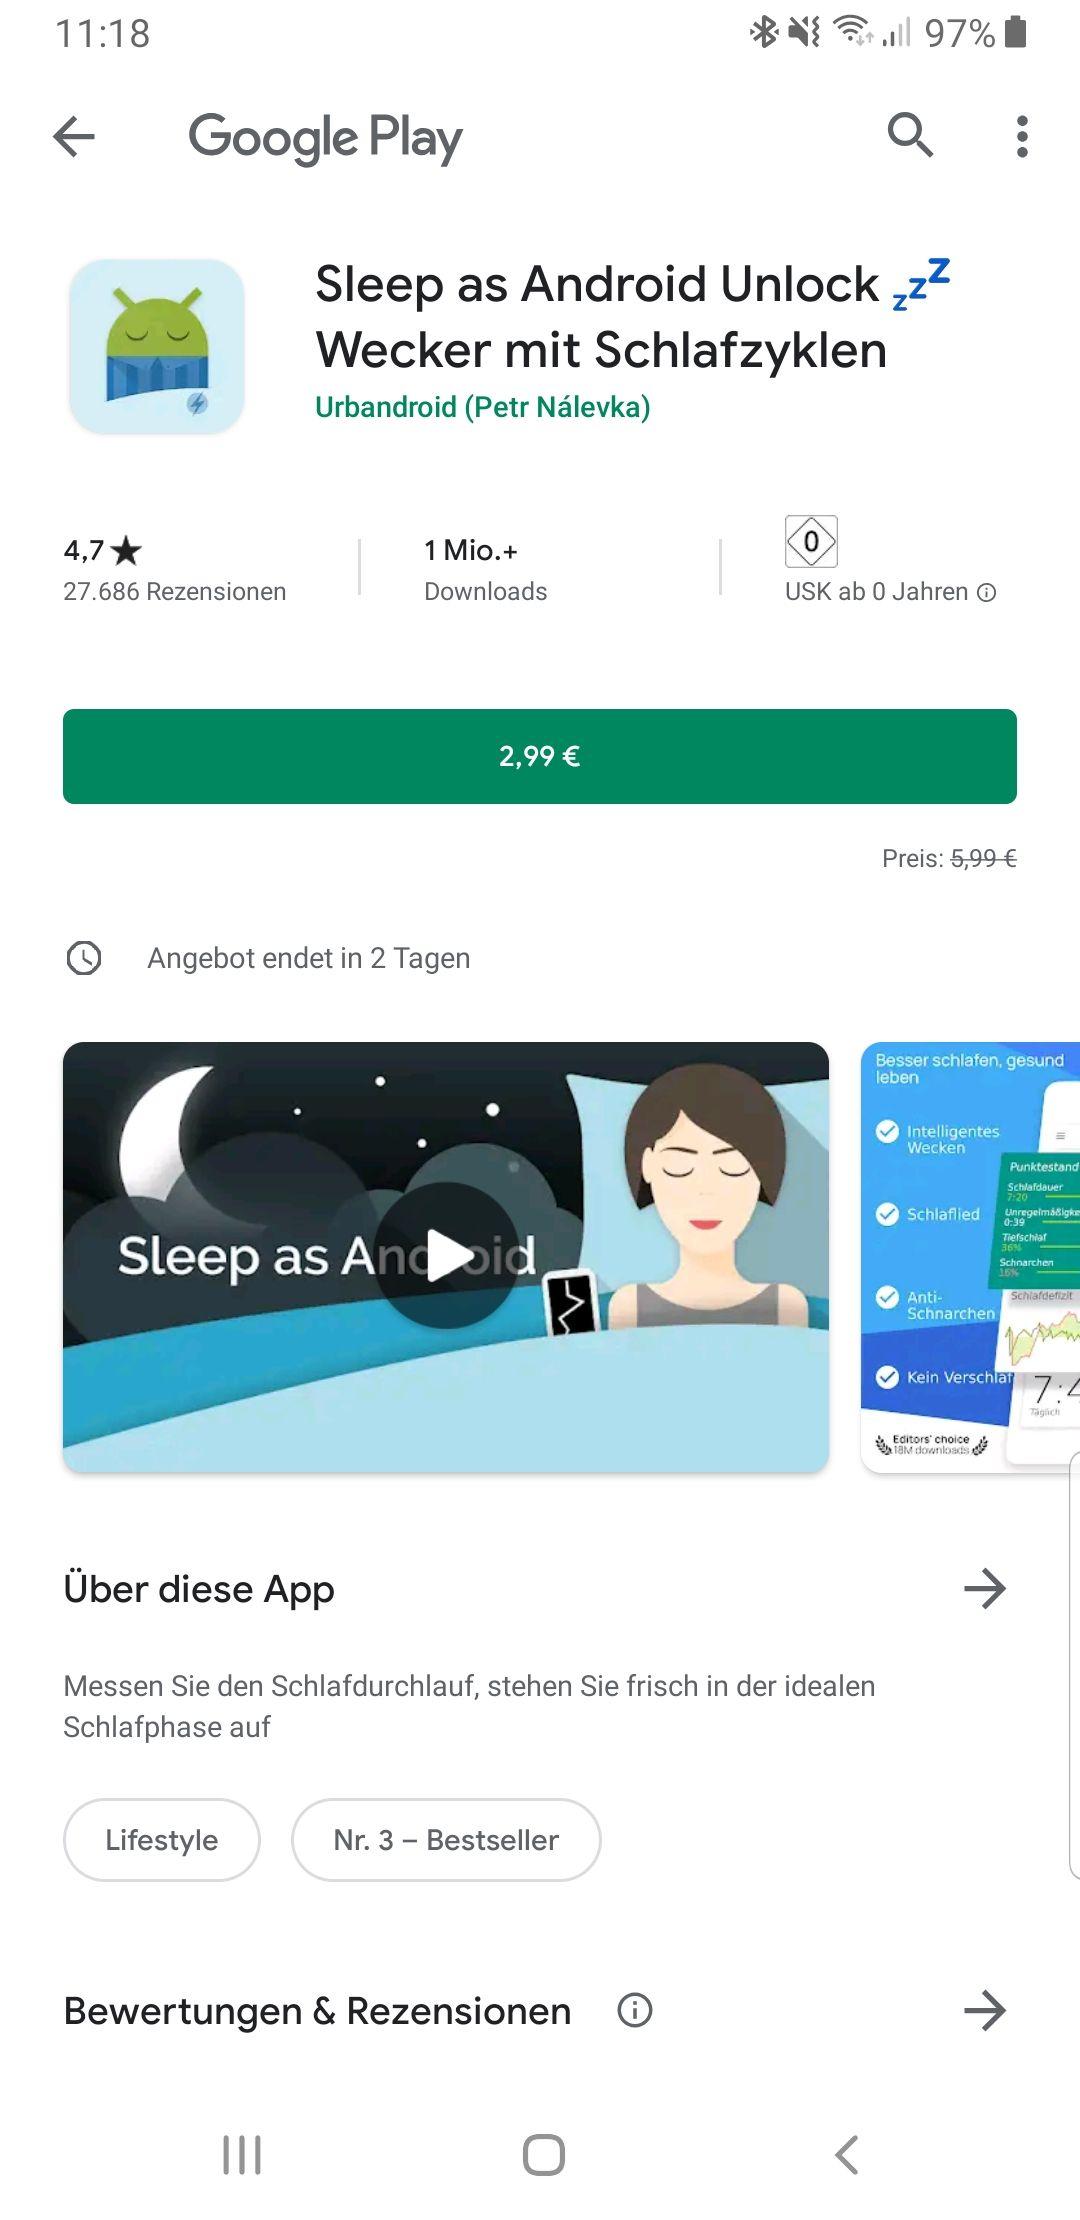 Sleep as Android - Wecker mit Schlafzyklen - Premium